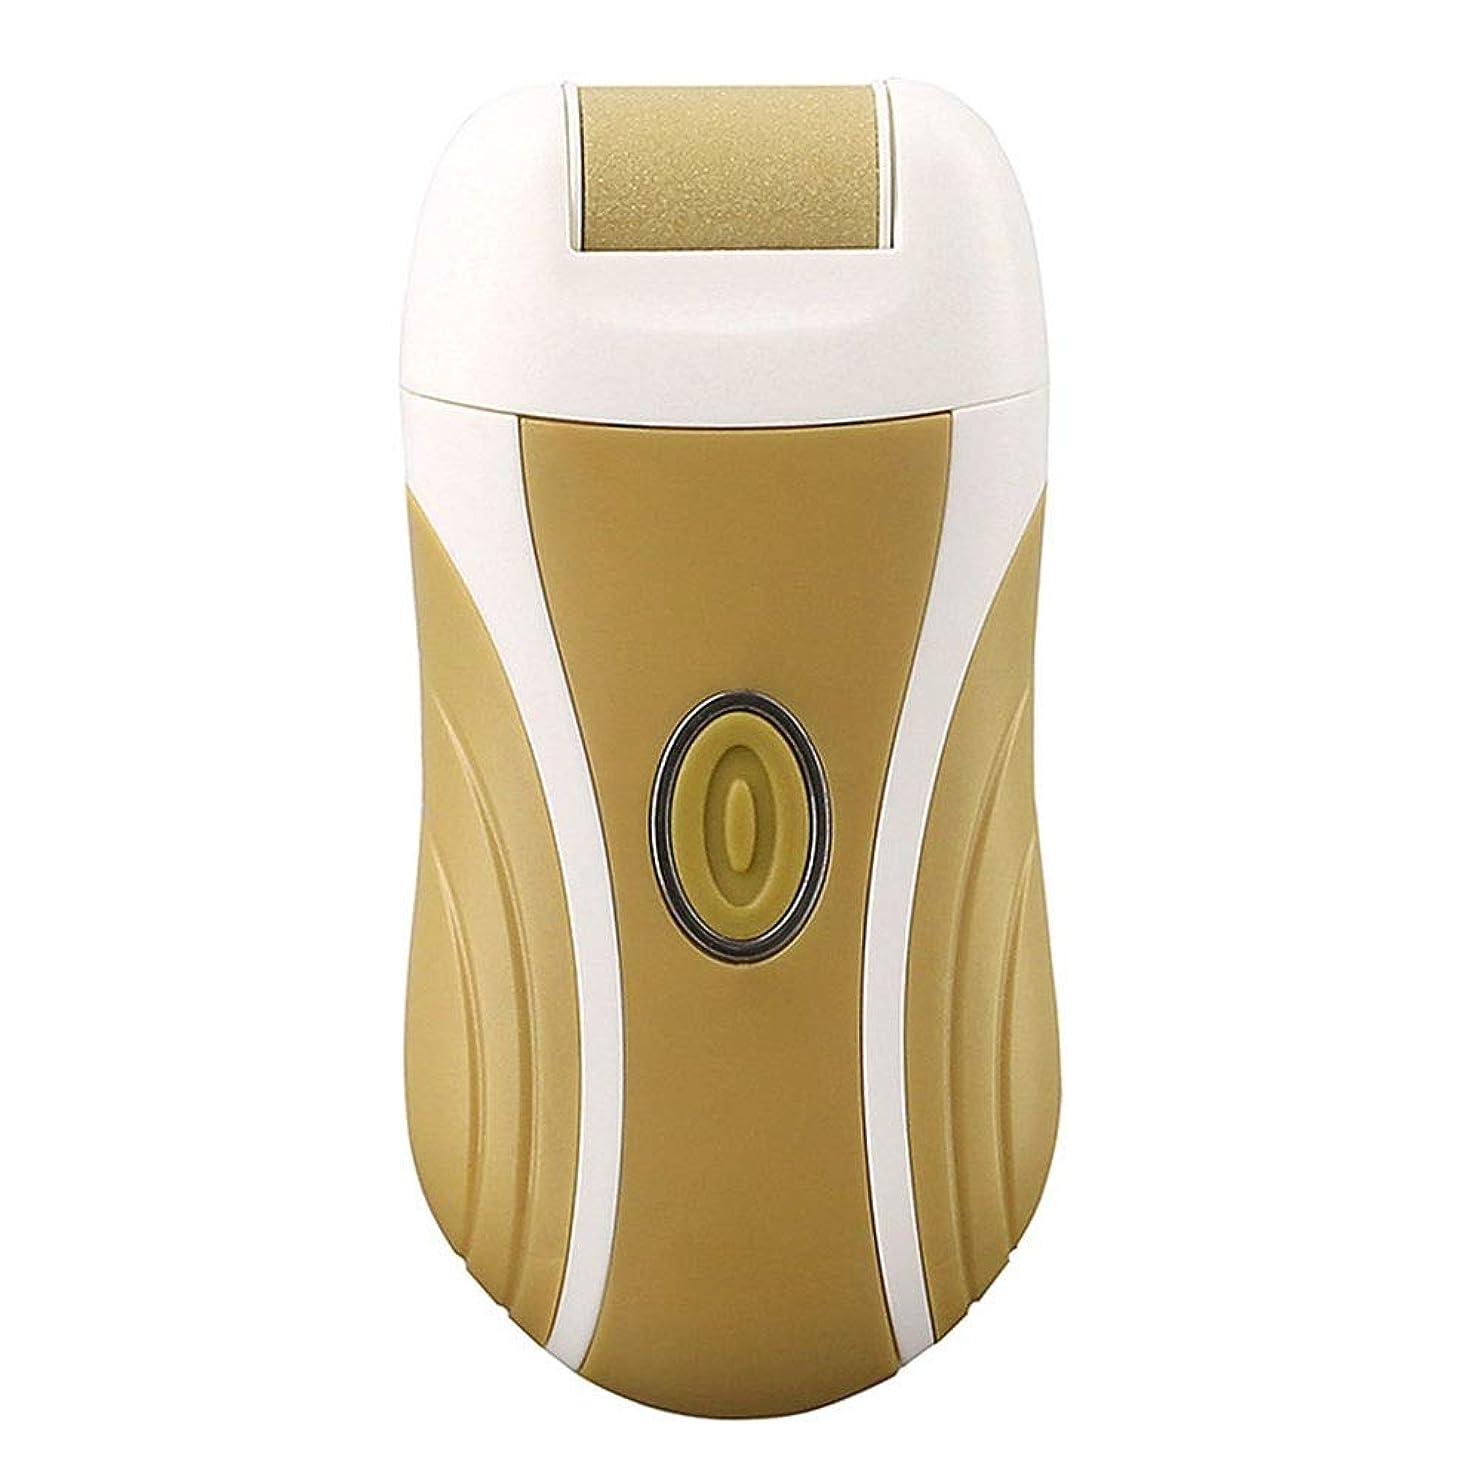 正統派ムスマット電子フットファイル充電式カルスリムーバーペディキュア ペディキュアツール (色 : 黄, サイズ : Free size)